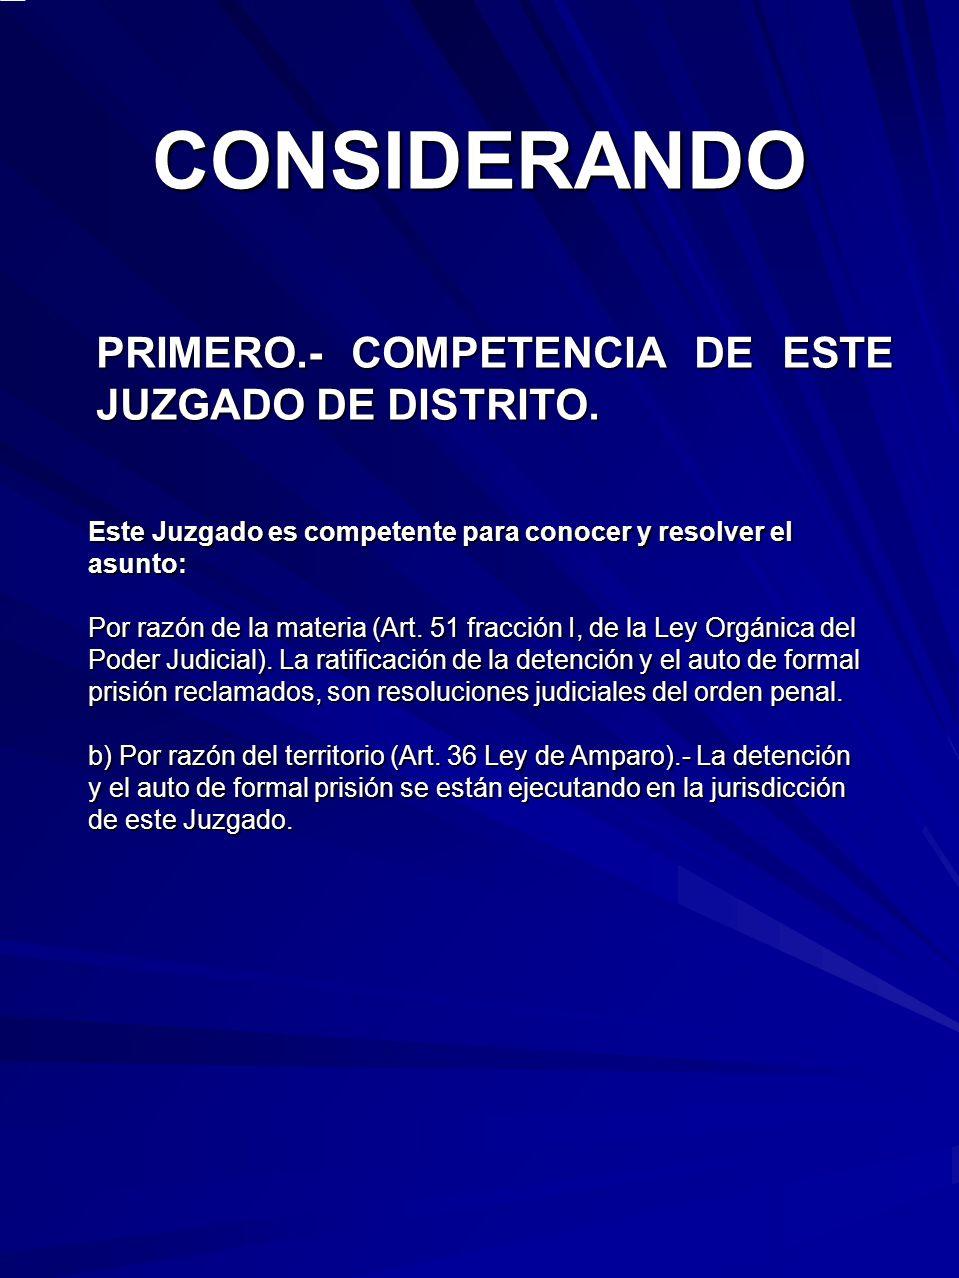 3.2.2.4.1.CONCERNIENTES AL CUERPO DEL DELITO, ESTO ES, A LA TIPICIDAD.